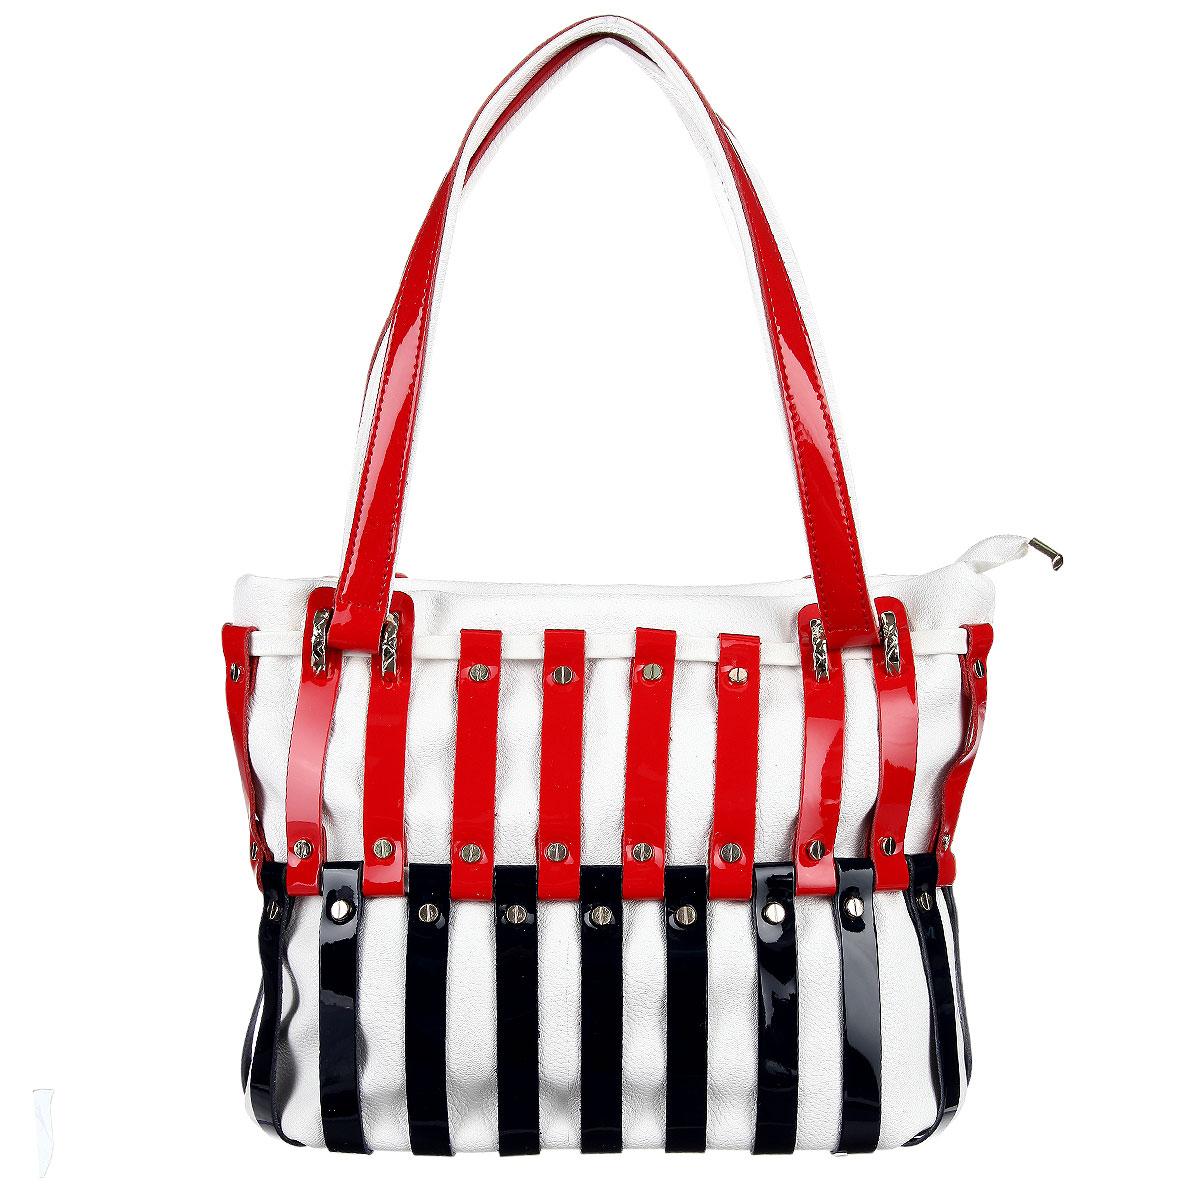 Сумка женская Vitacci, цвет: белый, красный, синий. VE070010963-10Изысканная женская сумка Vitacci выполнена из высококачественной экокожи в сочетании с натуральной кожей. Сумка закрывается на пластиковую застежку-молнию. Внутри - большое отделение с двумя карманами на застежке-молнии и два накладных кармашка для телефона, мелочей. Роскошная сумка внесет элегантные нотки в ваш образ и подчеркнет ваше отменное чувство стиля.